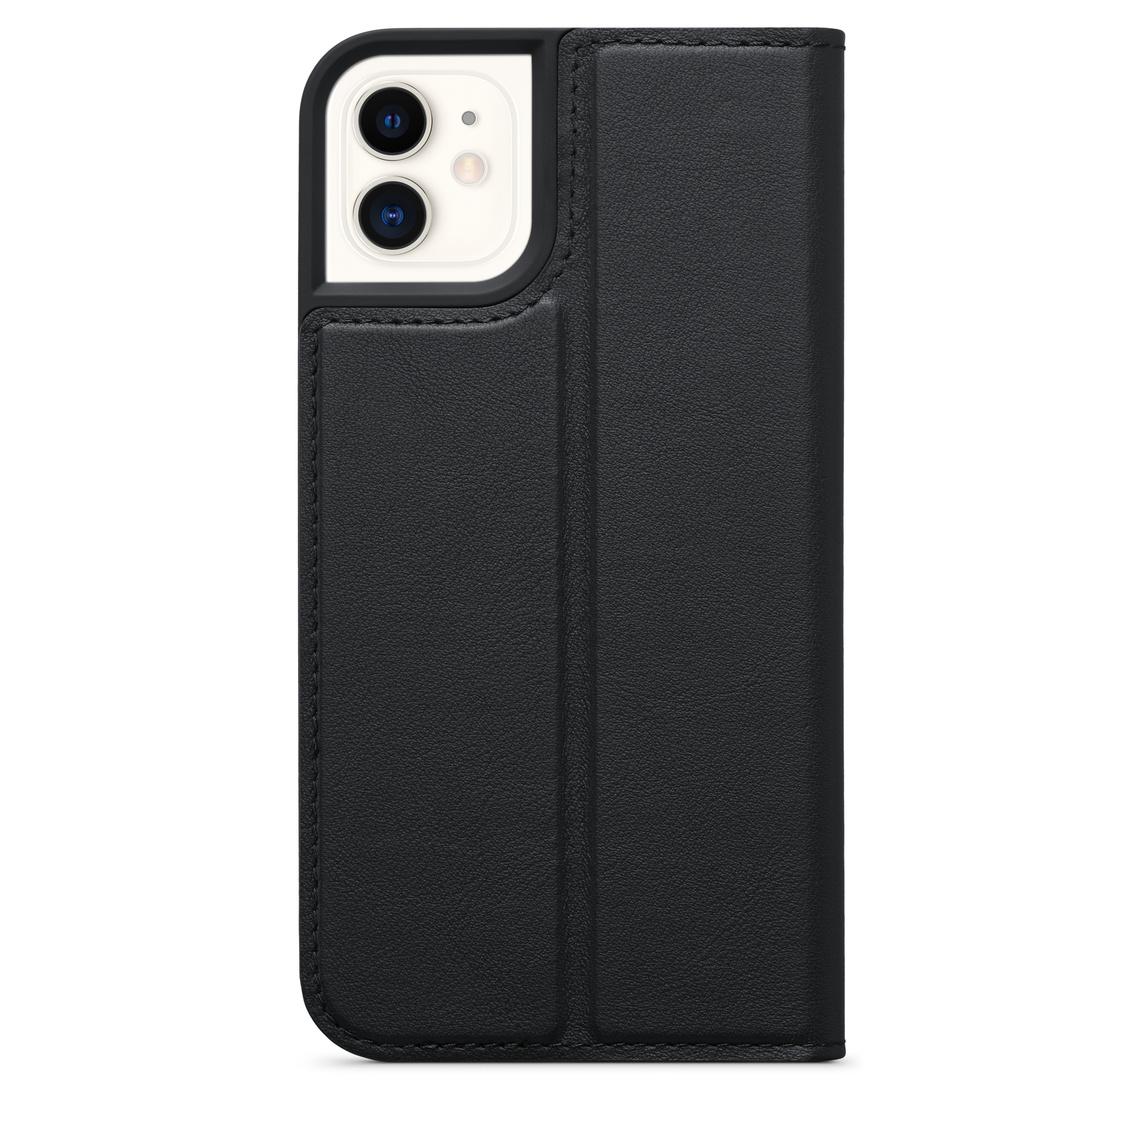 Custodia a portafoglio in pelle di Decoded per iPhone 11